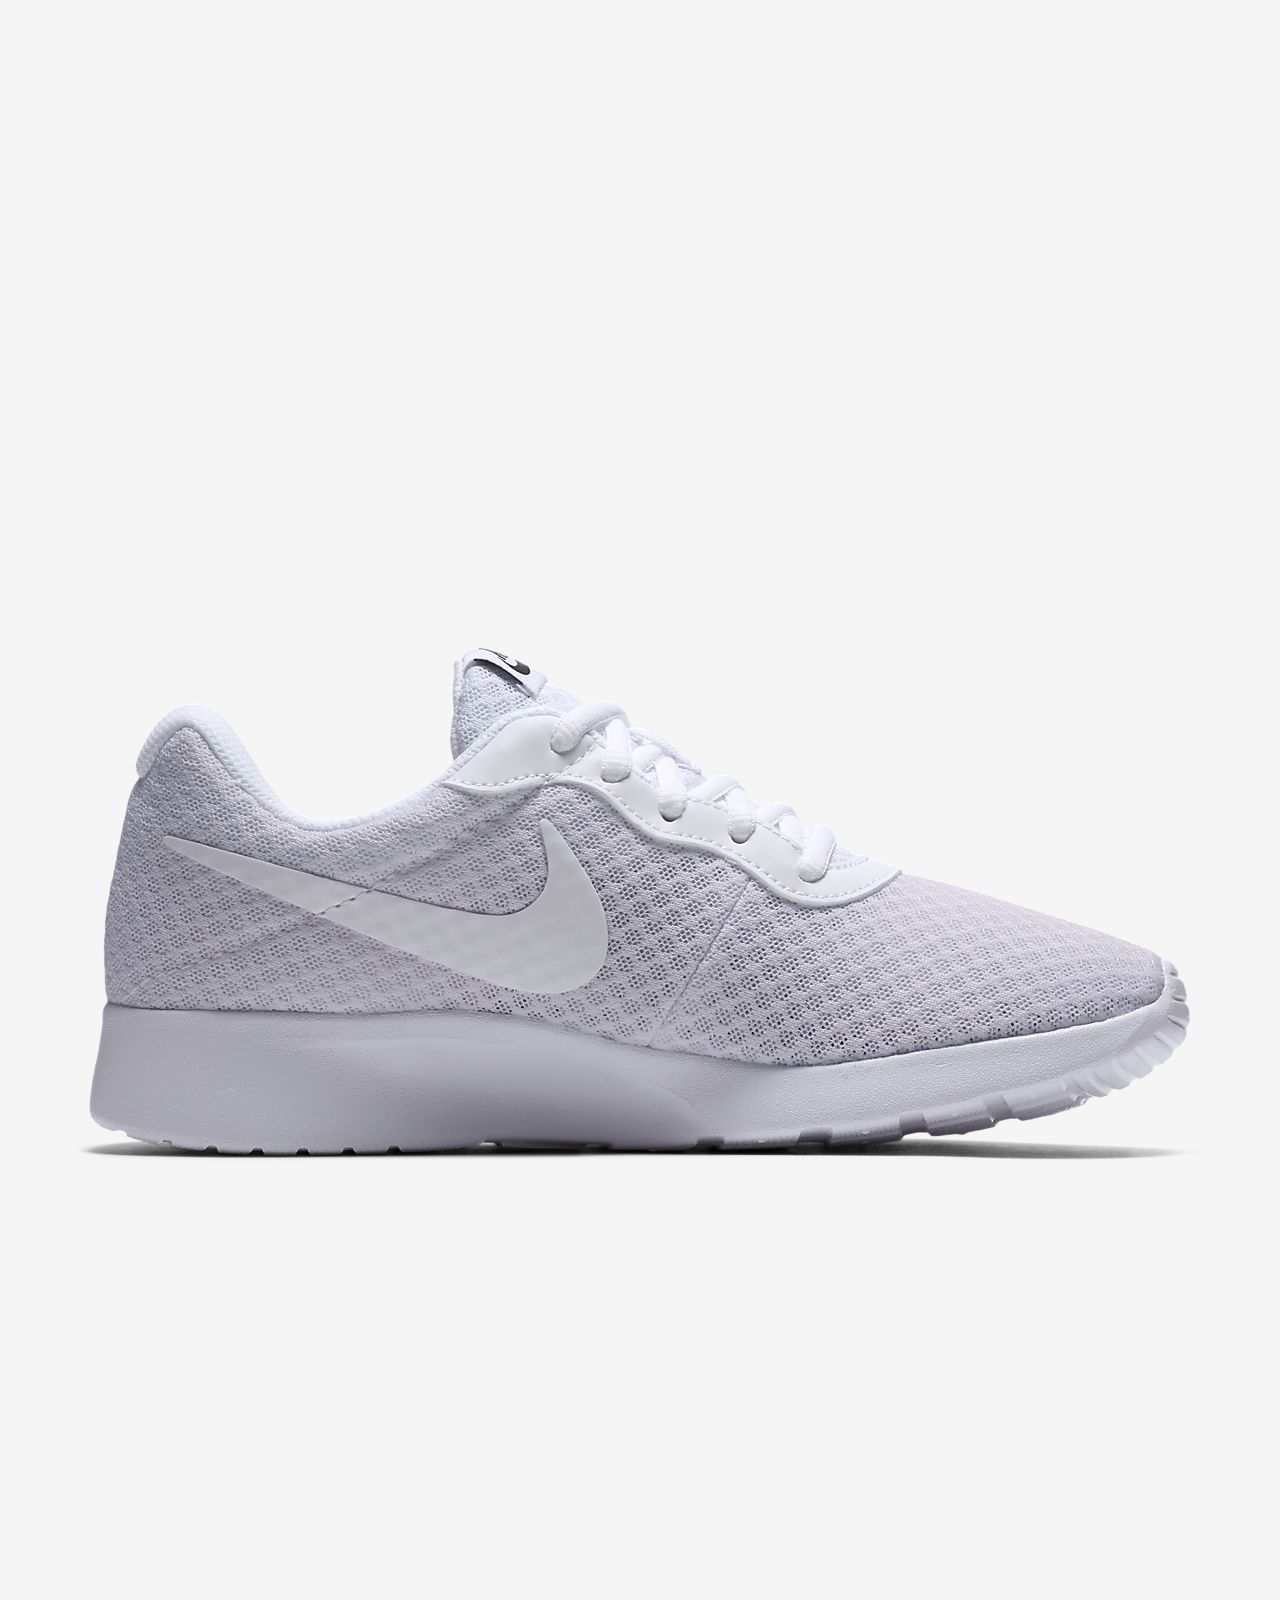 Nike Tanjun Women wolf greywhite ab 45,61 € (August 2019